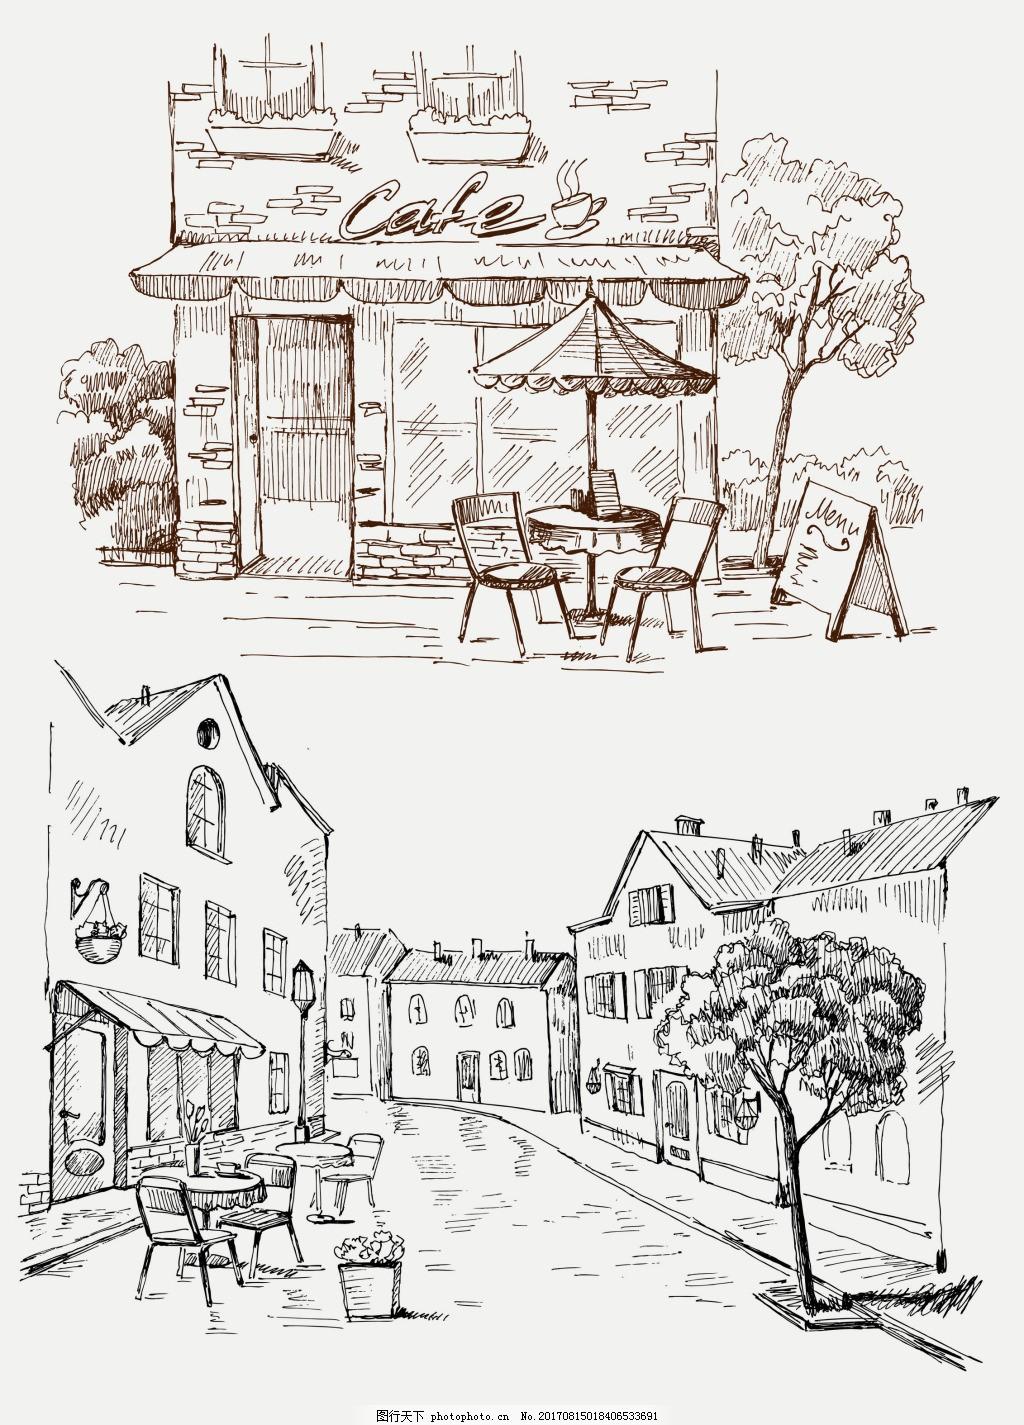 手绘速写风格咖啡厅 创意 风景 插画 街道 休闲